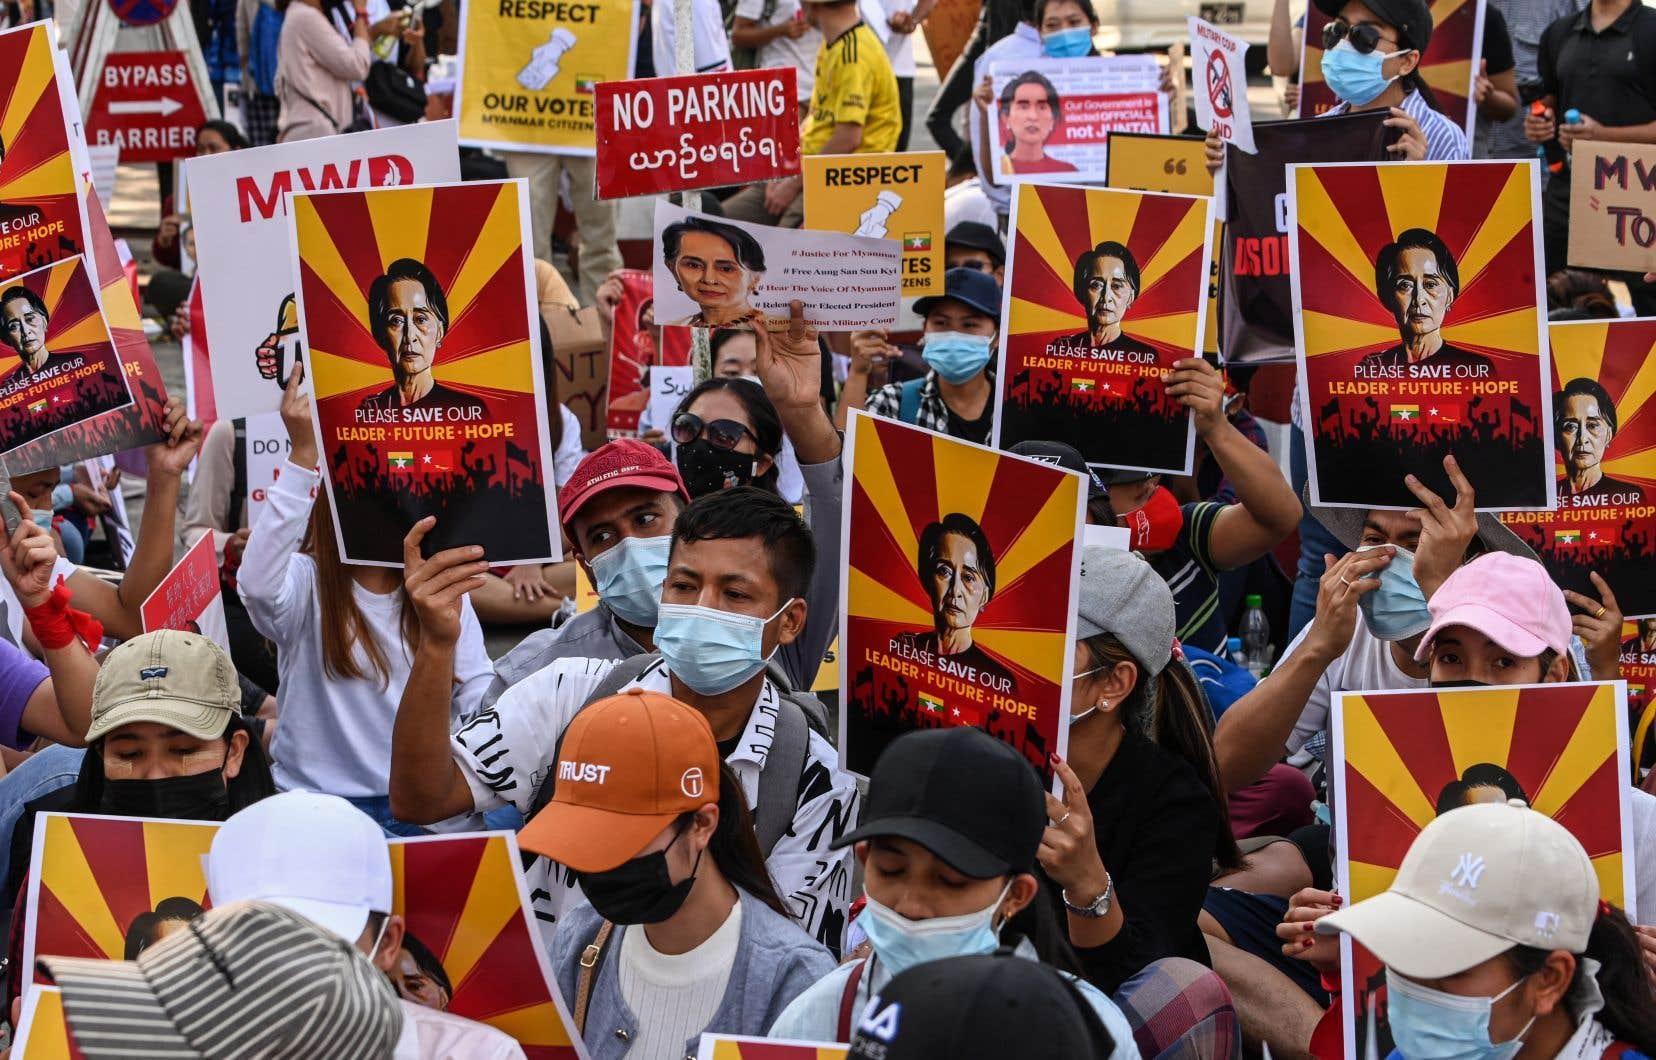 Vendredi, des centaines de milliers de manifestants sont descendus dans les rues malgré les nouvelles arrestations ordonnées par la junte, pour qu'on leur rende le gouvernement civil de «Mother Suu» Kyi.